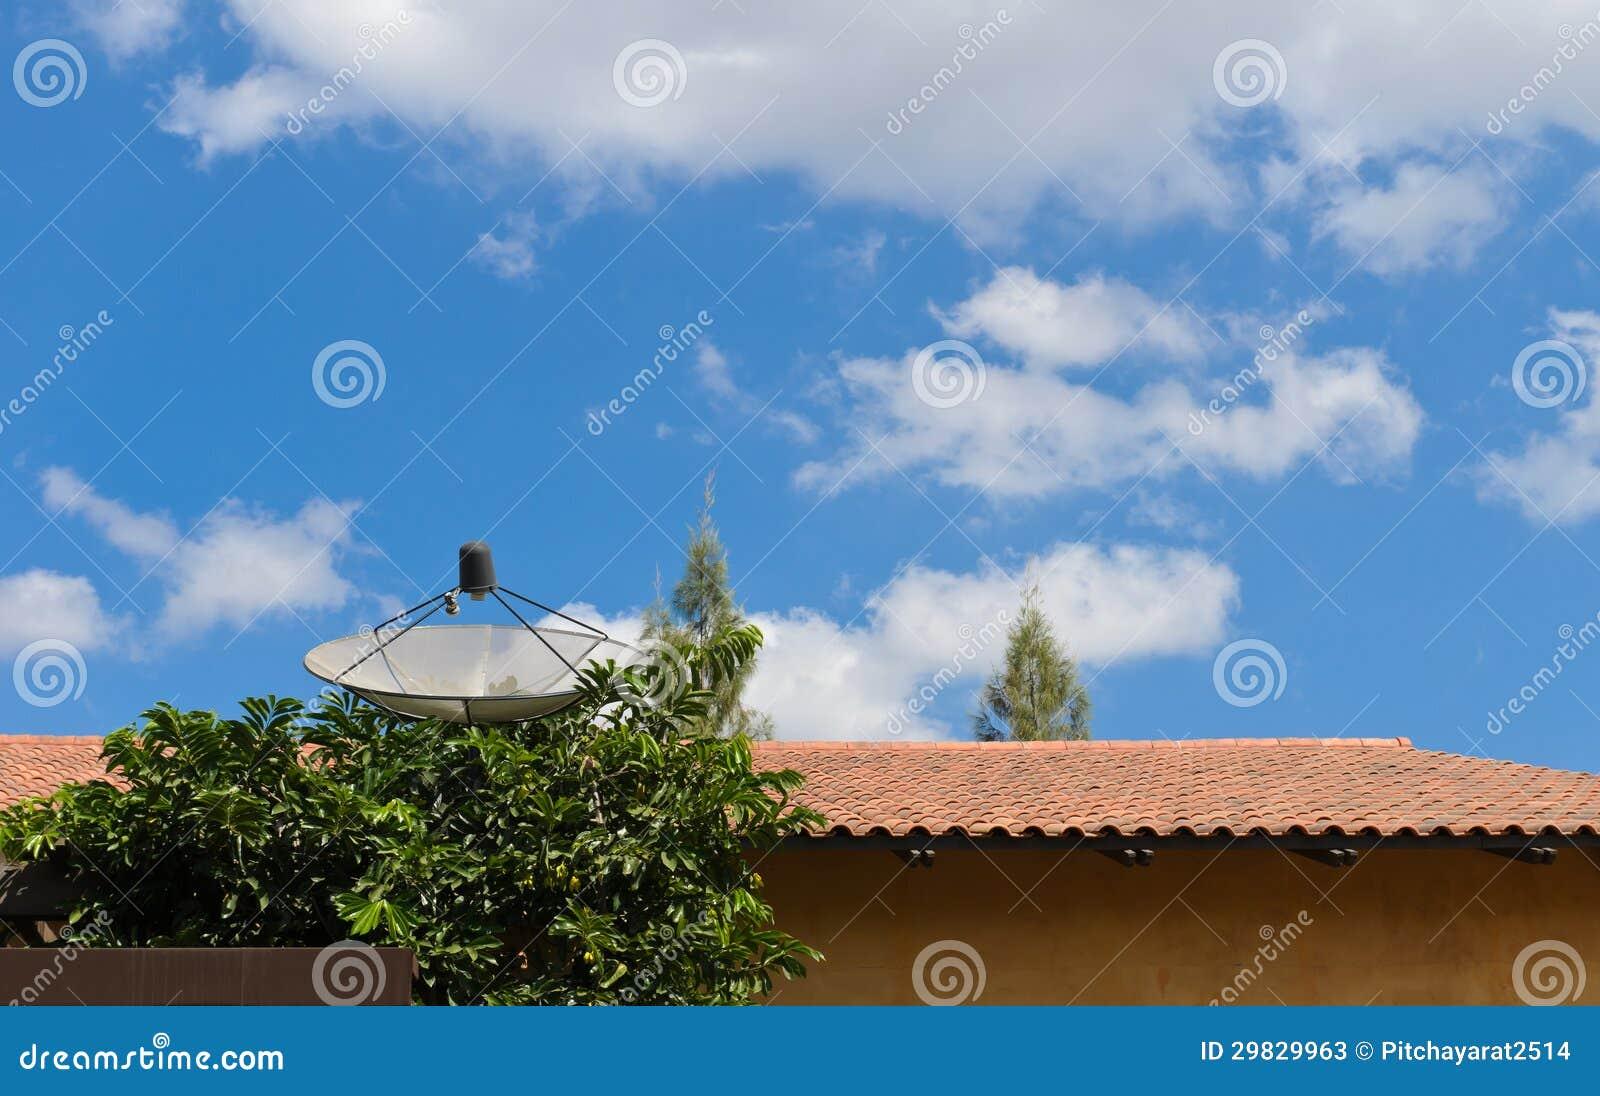 Antena parabólica no telhado.